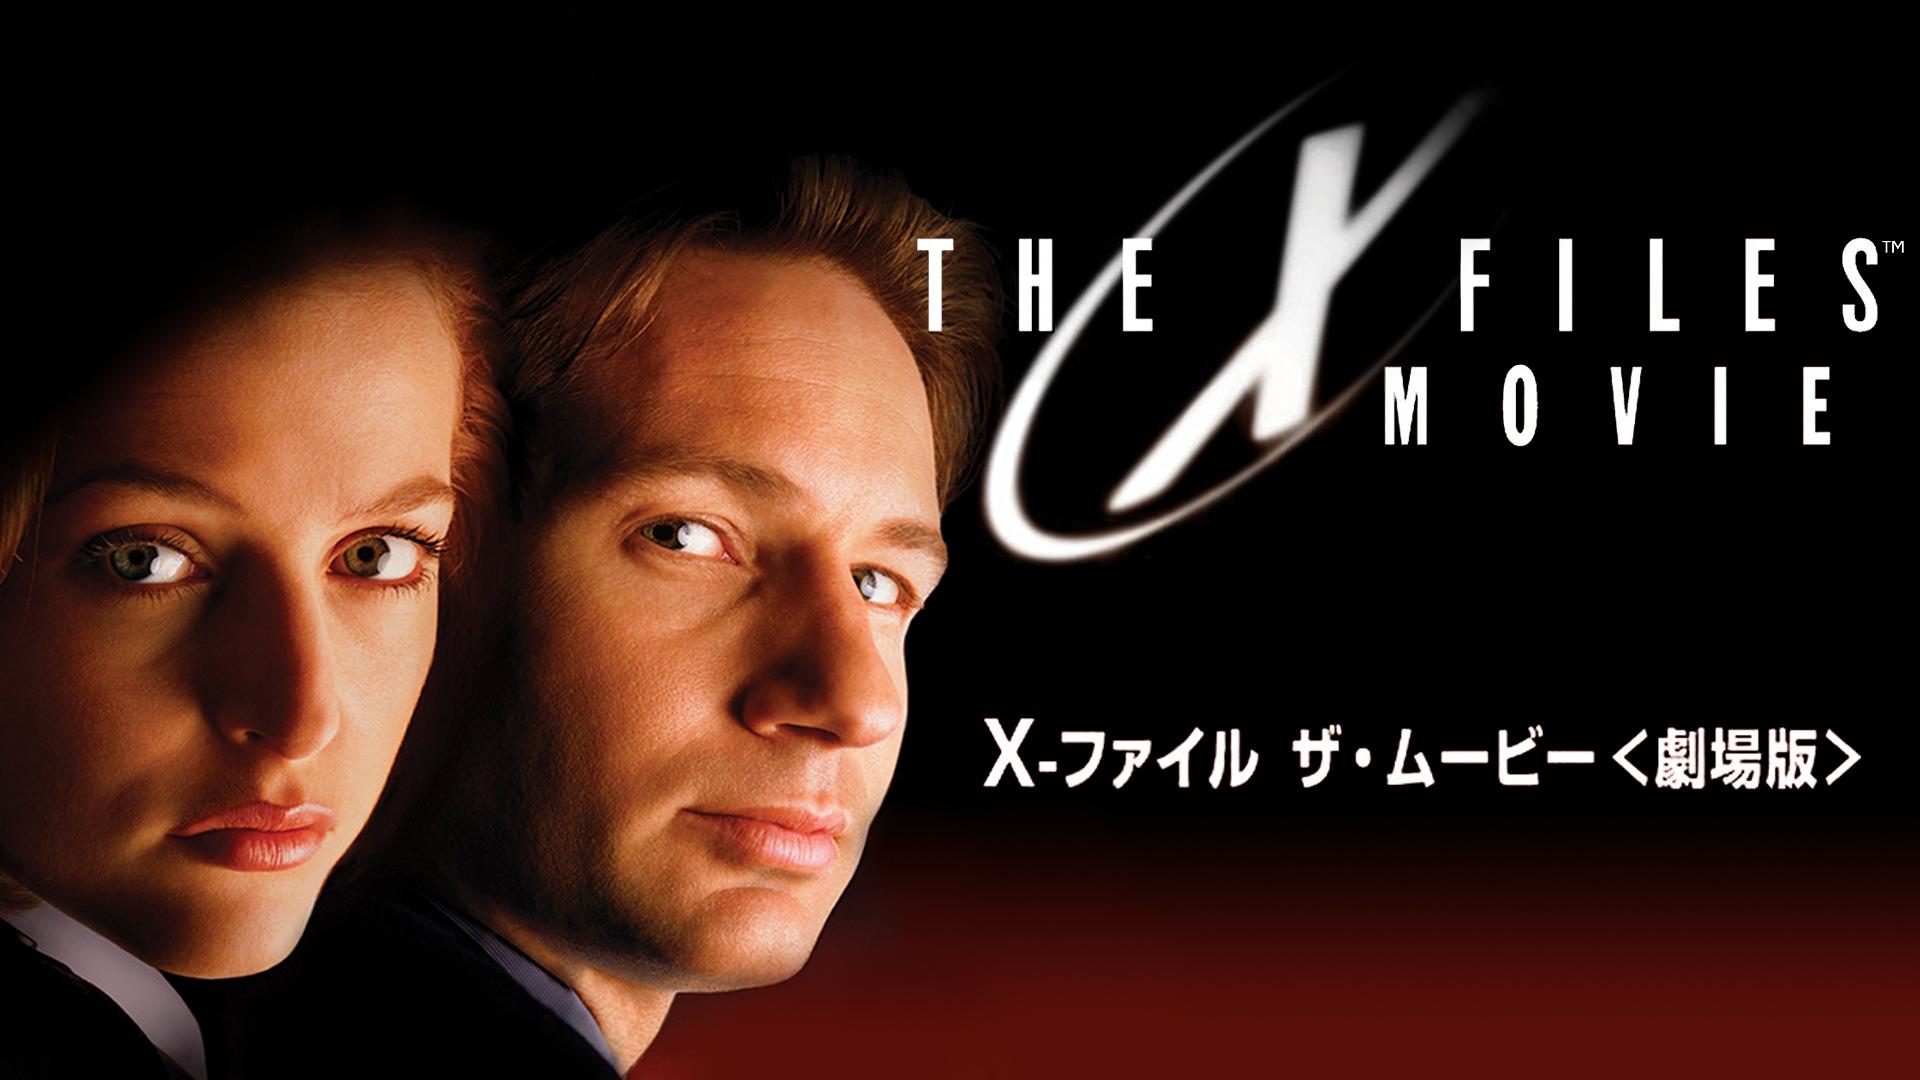 X-ファイル ザ・ムービー (字幕版)